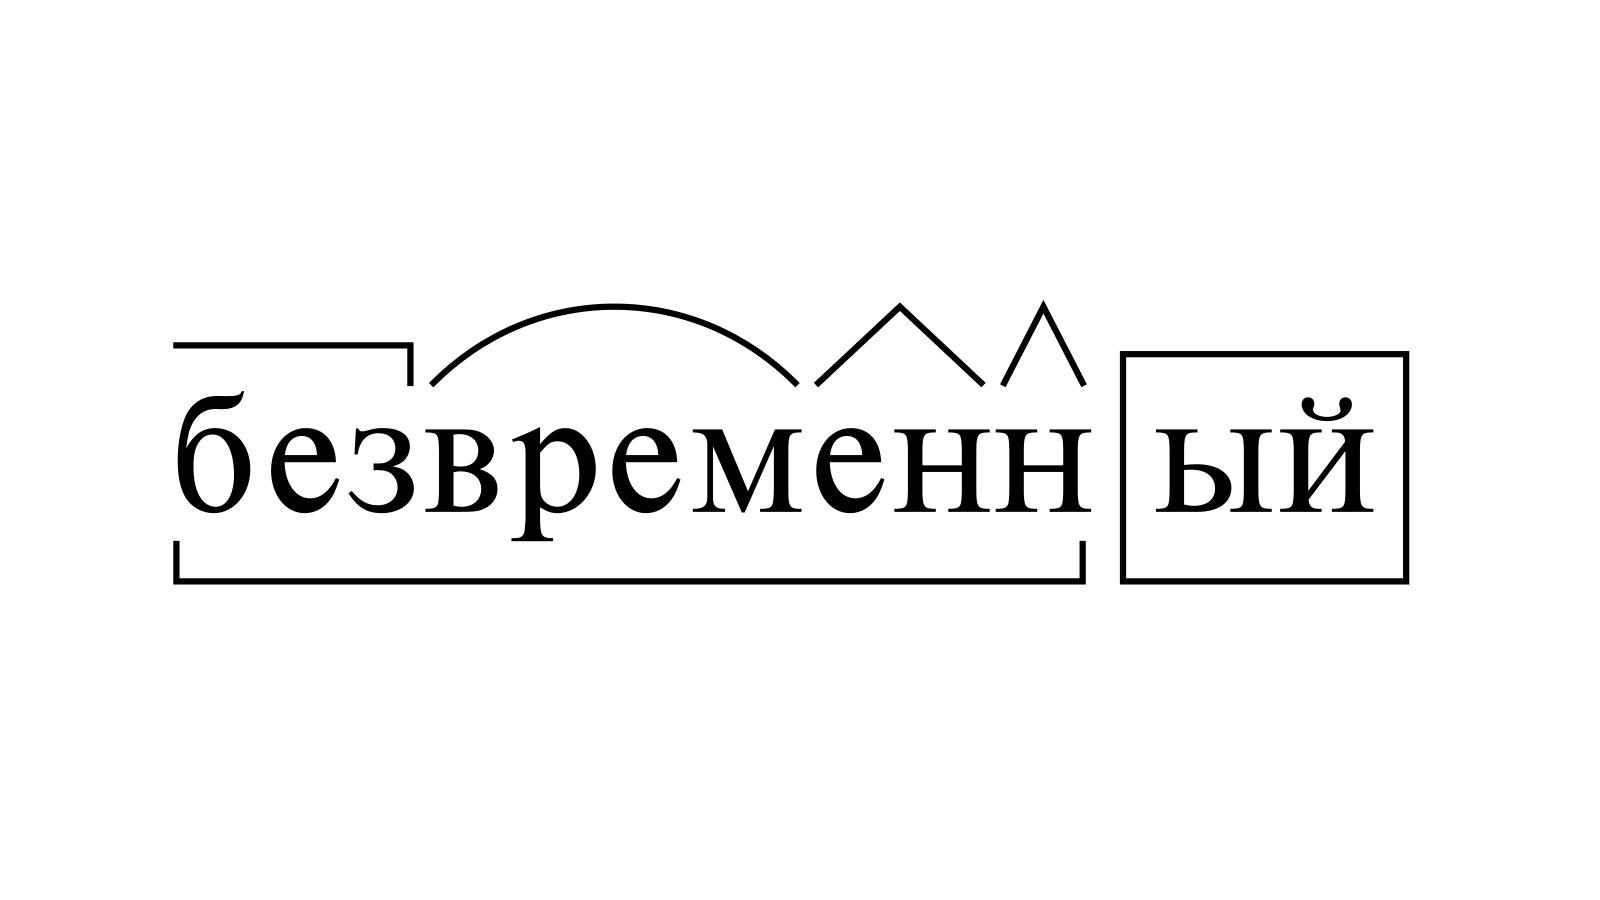 Разбор слова «безвременный» по составу